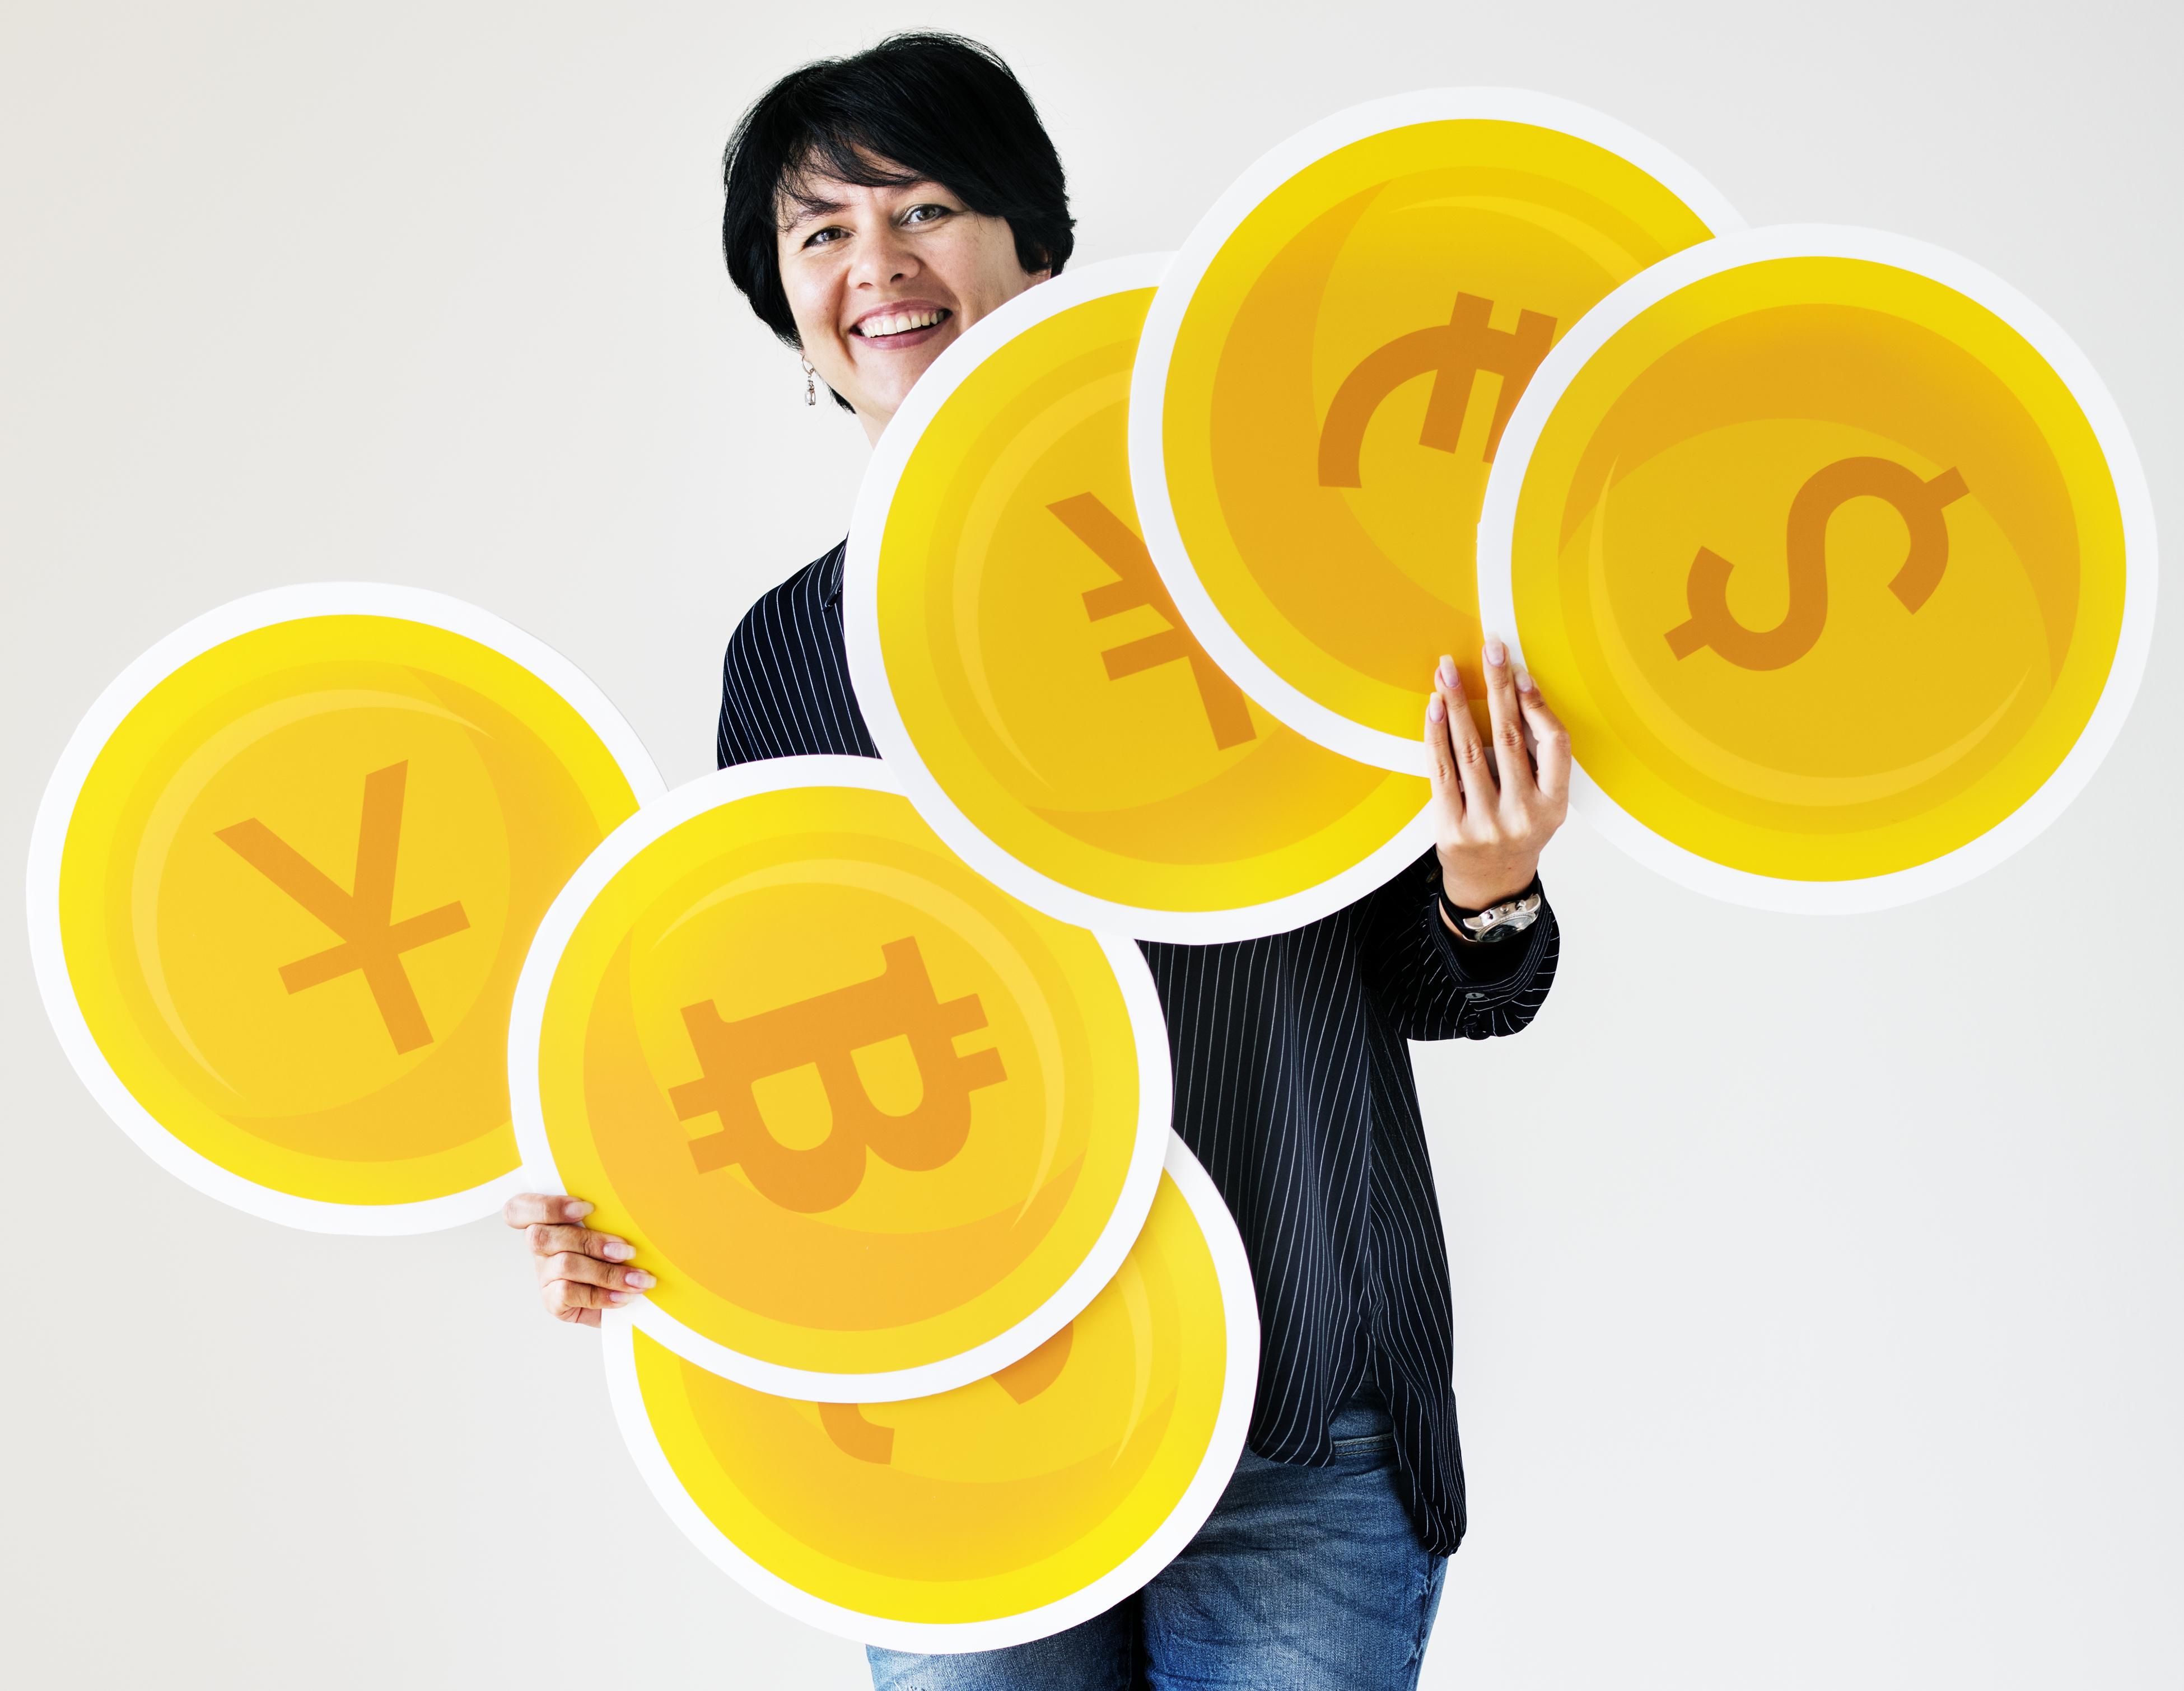 Stablecoins ali stabilni kovanci: Naslednja generacija digitalnega denarja